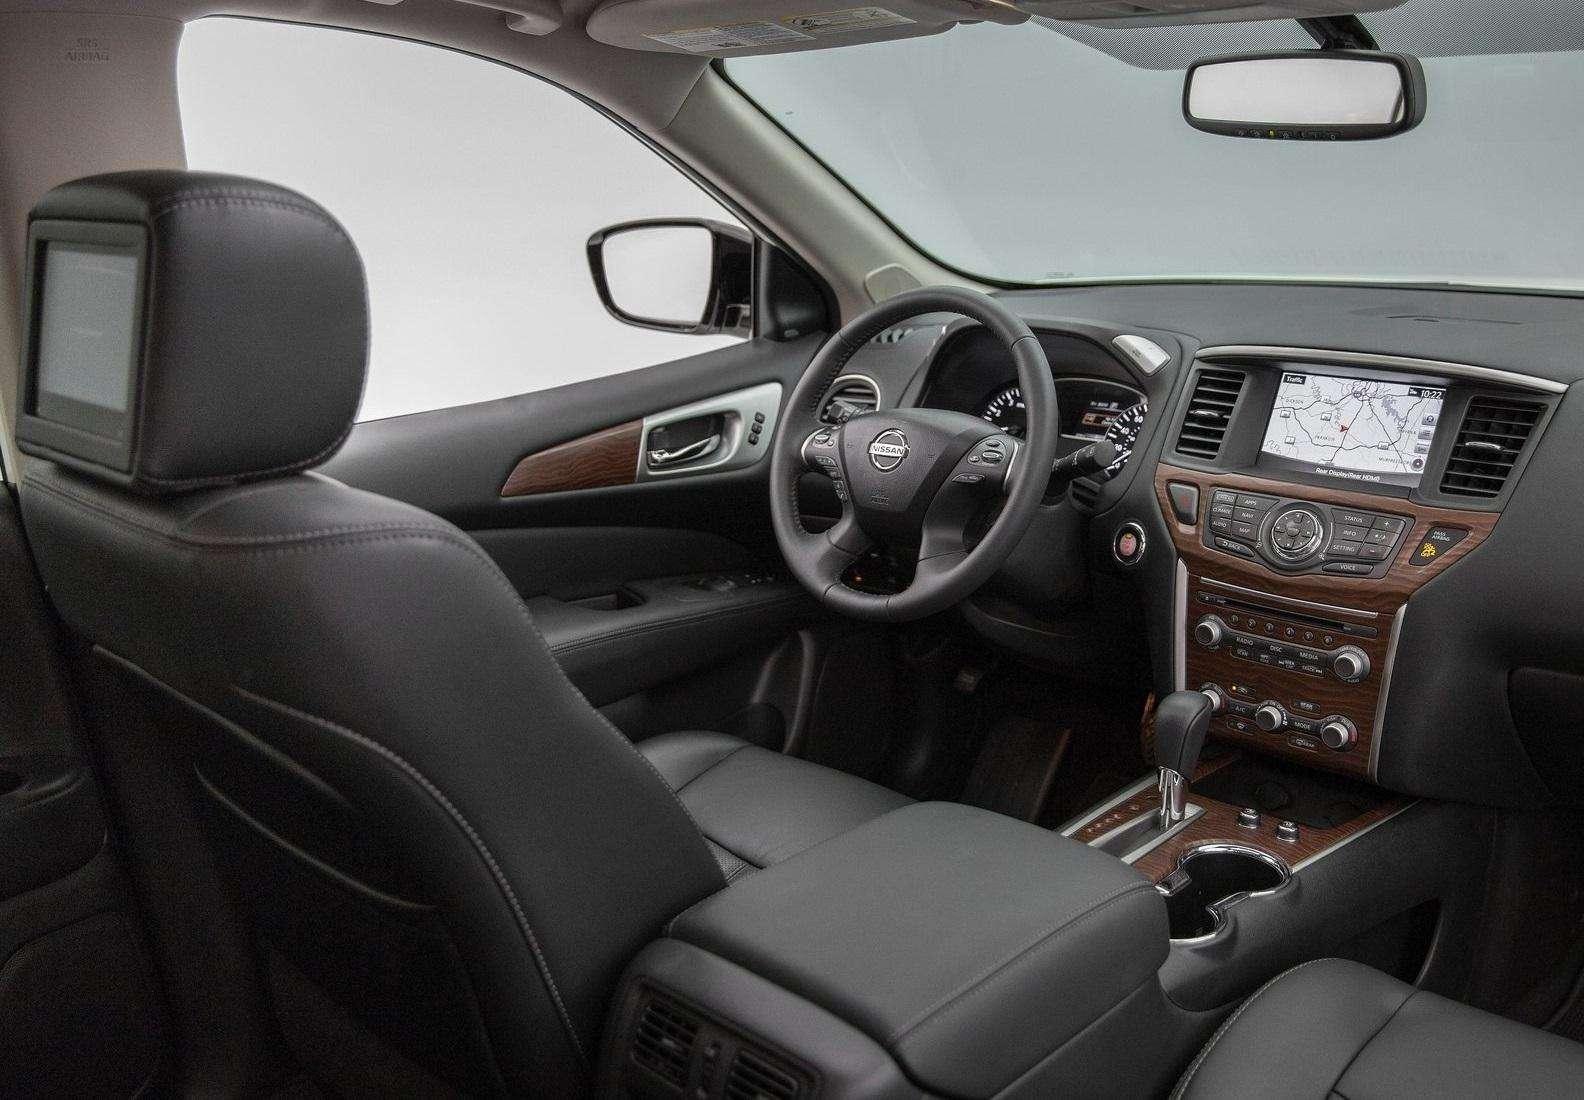 Nissan-Pathfinder3